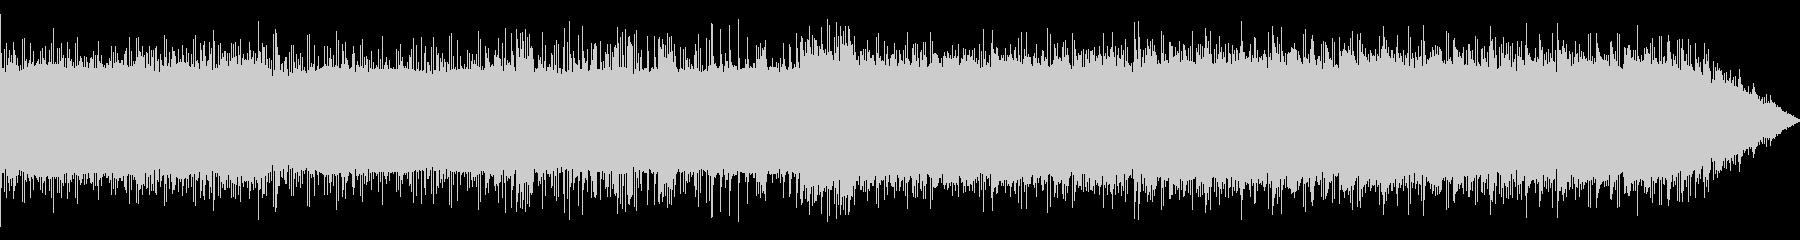 クールなHIPHOP、インダストリアルの未再生の波形